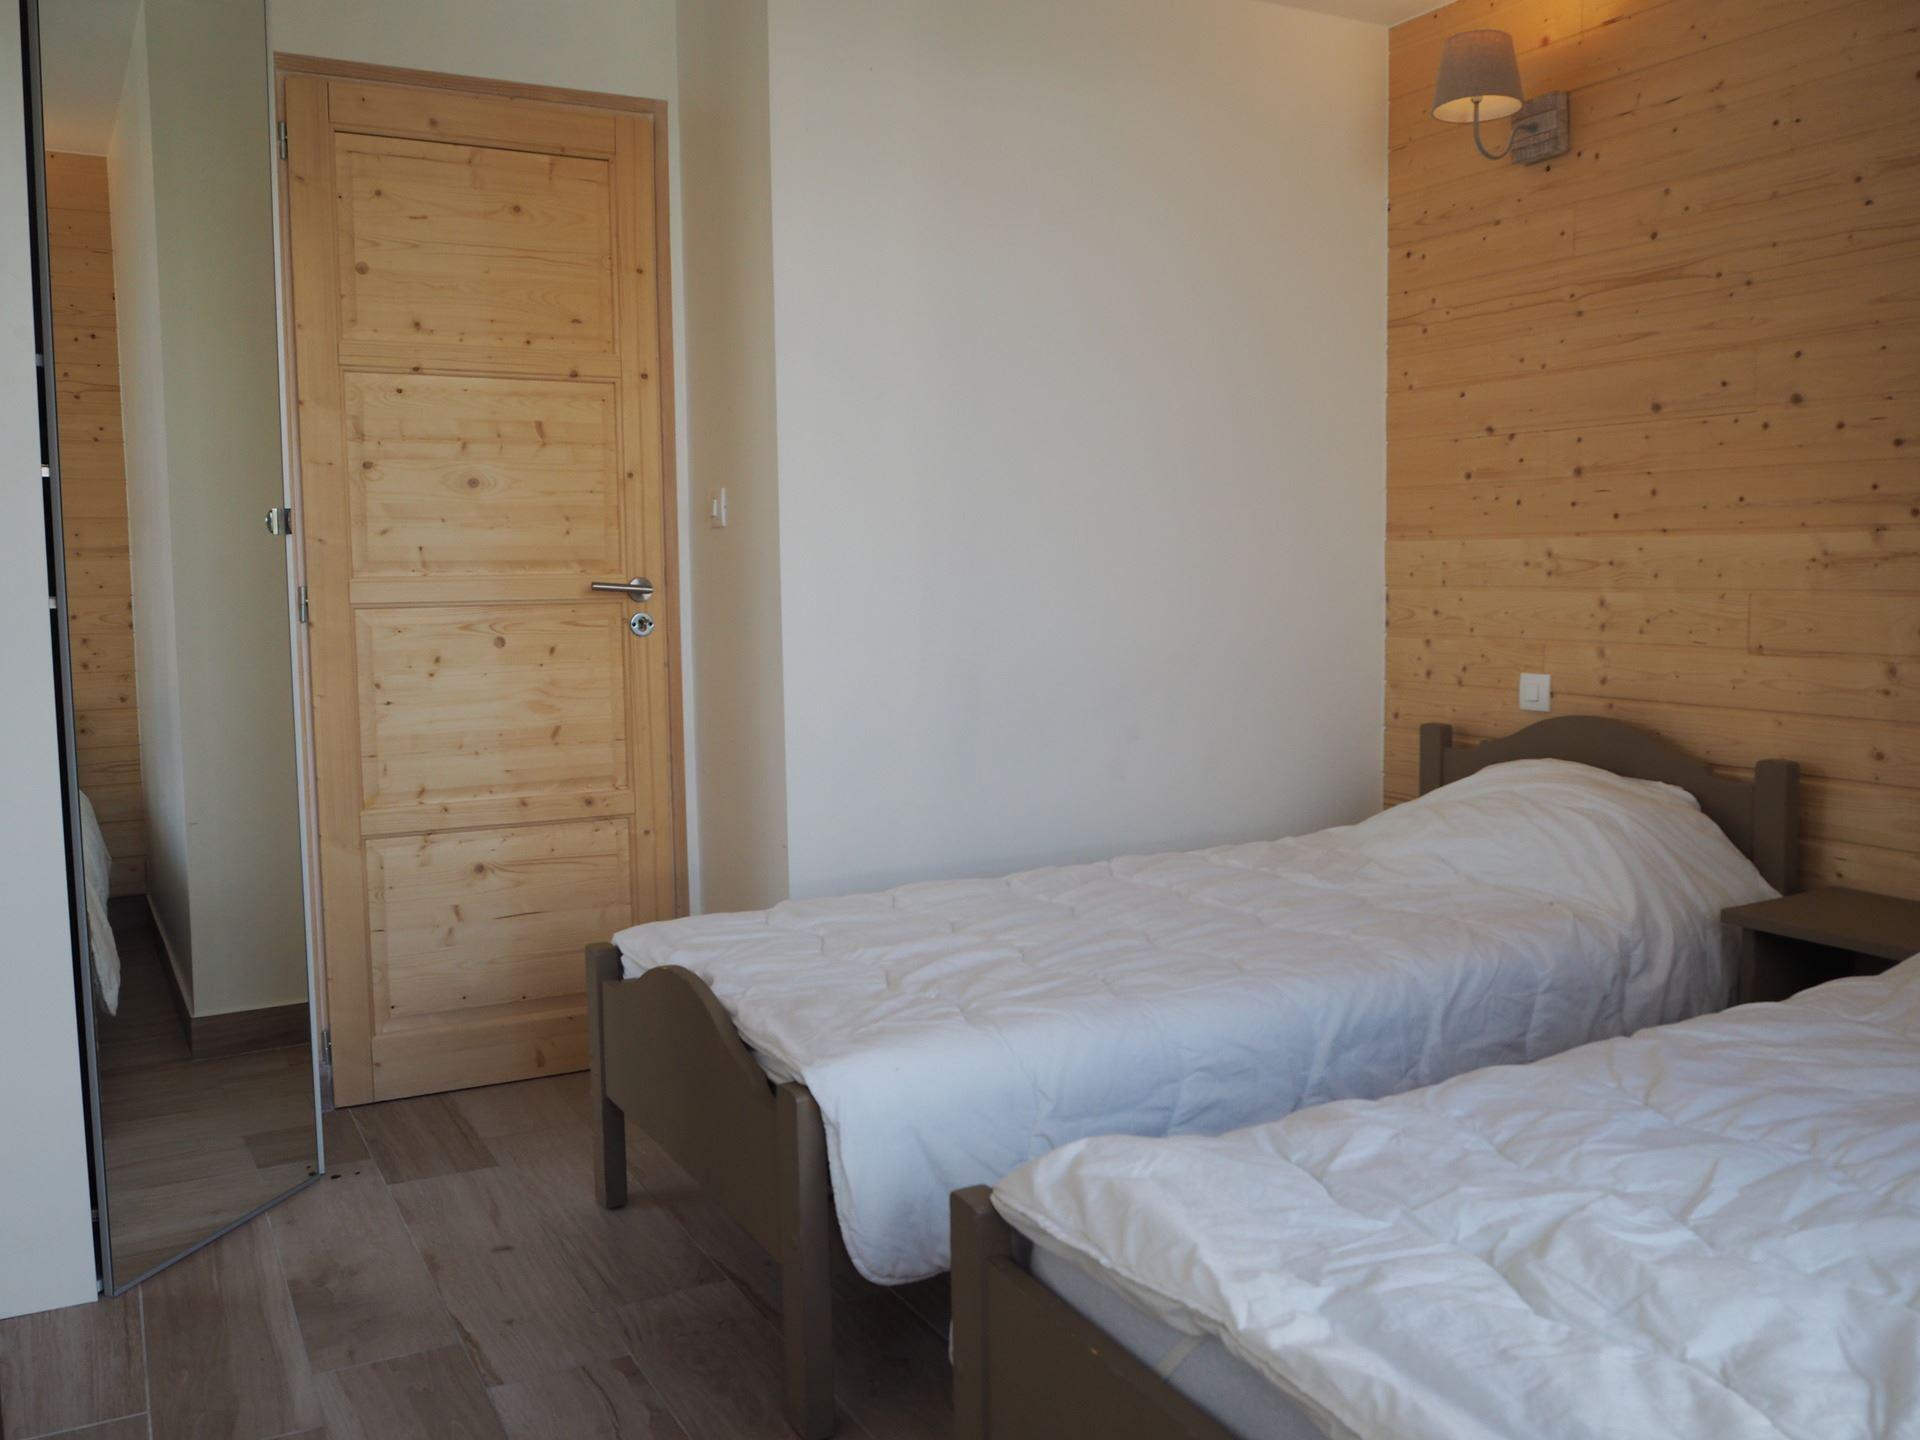 3 Pièces cabine 8 Pers skis aux pieds / LAC DU LOU 207